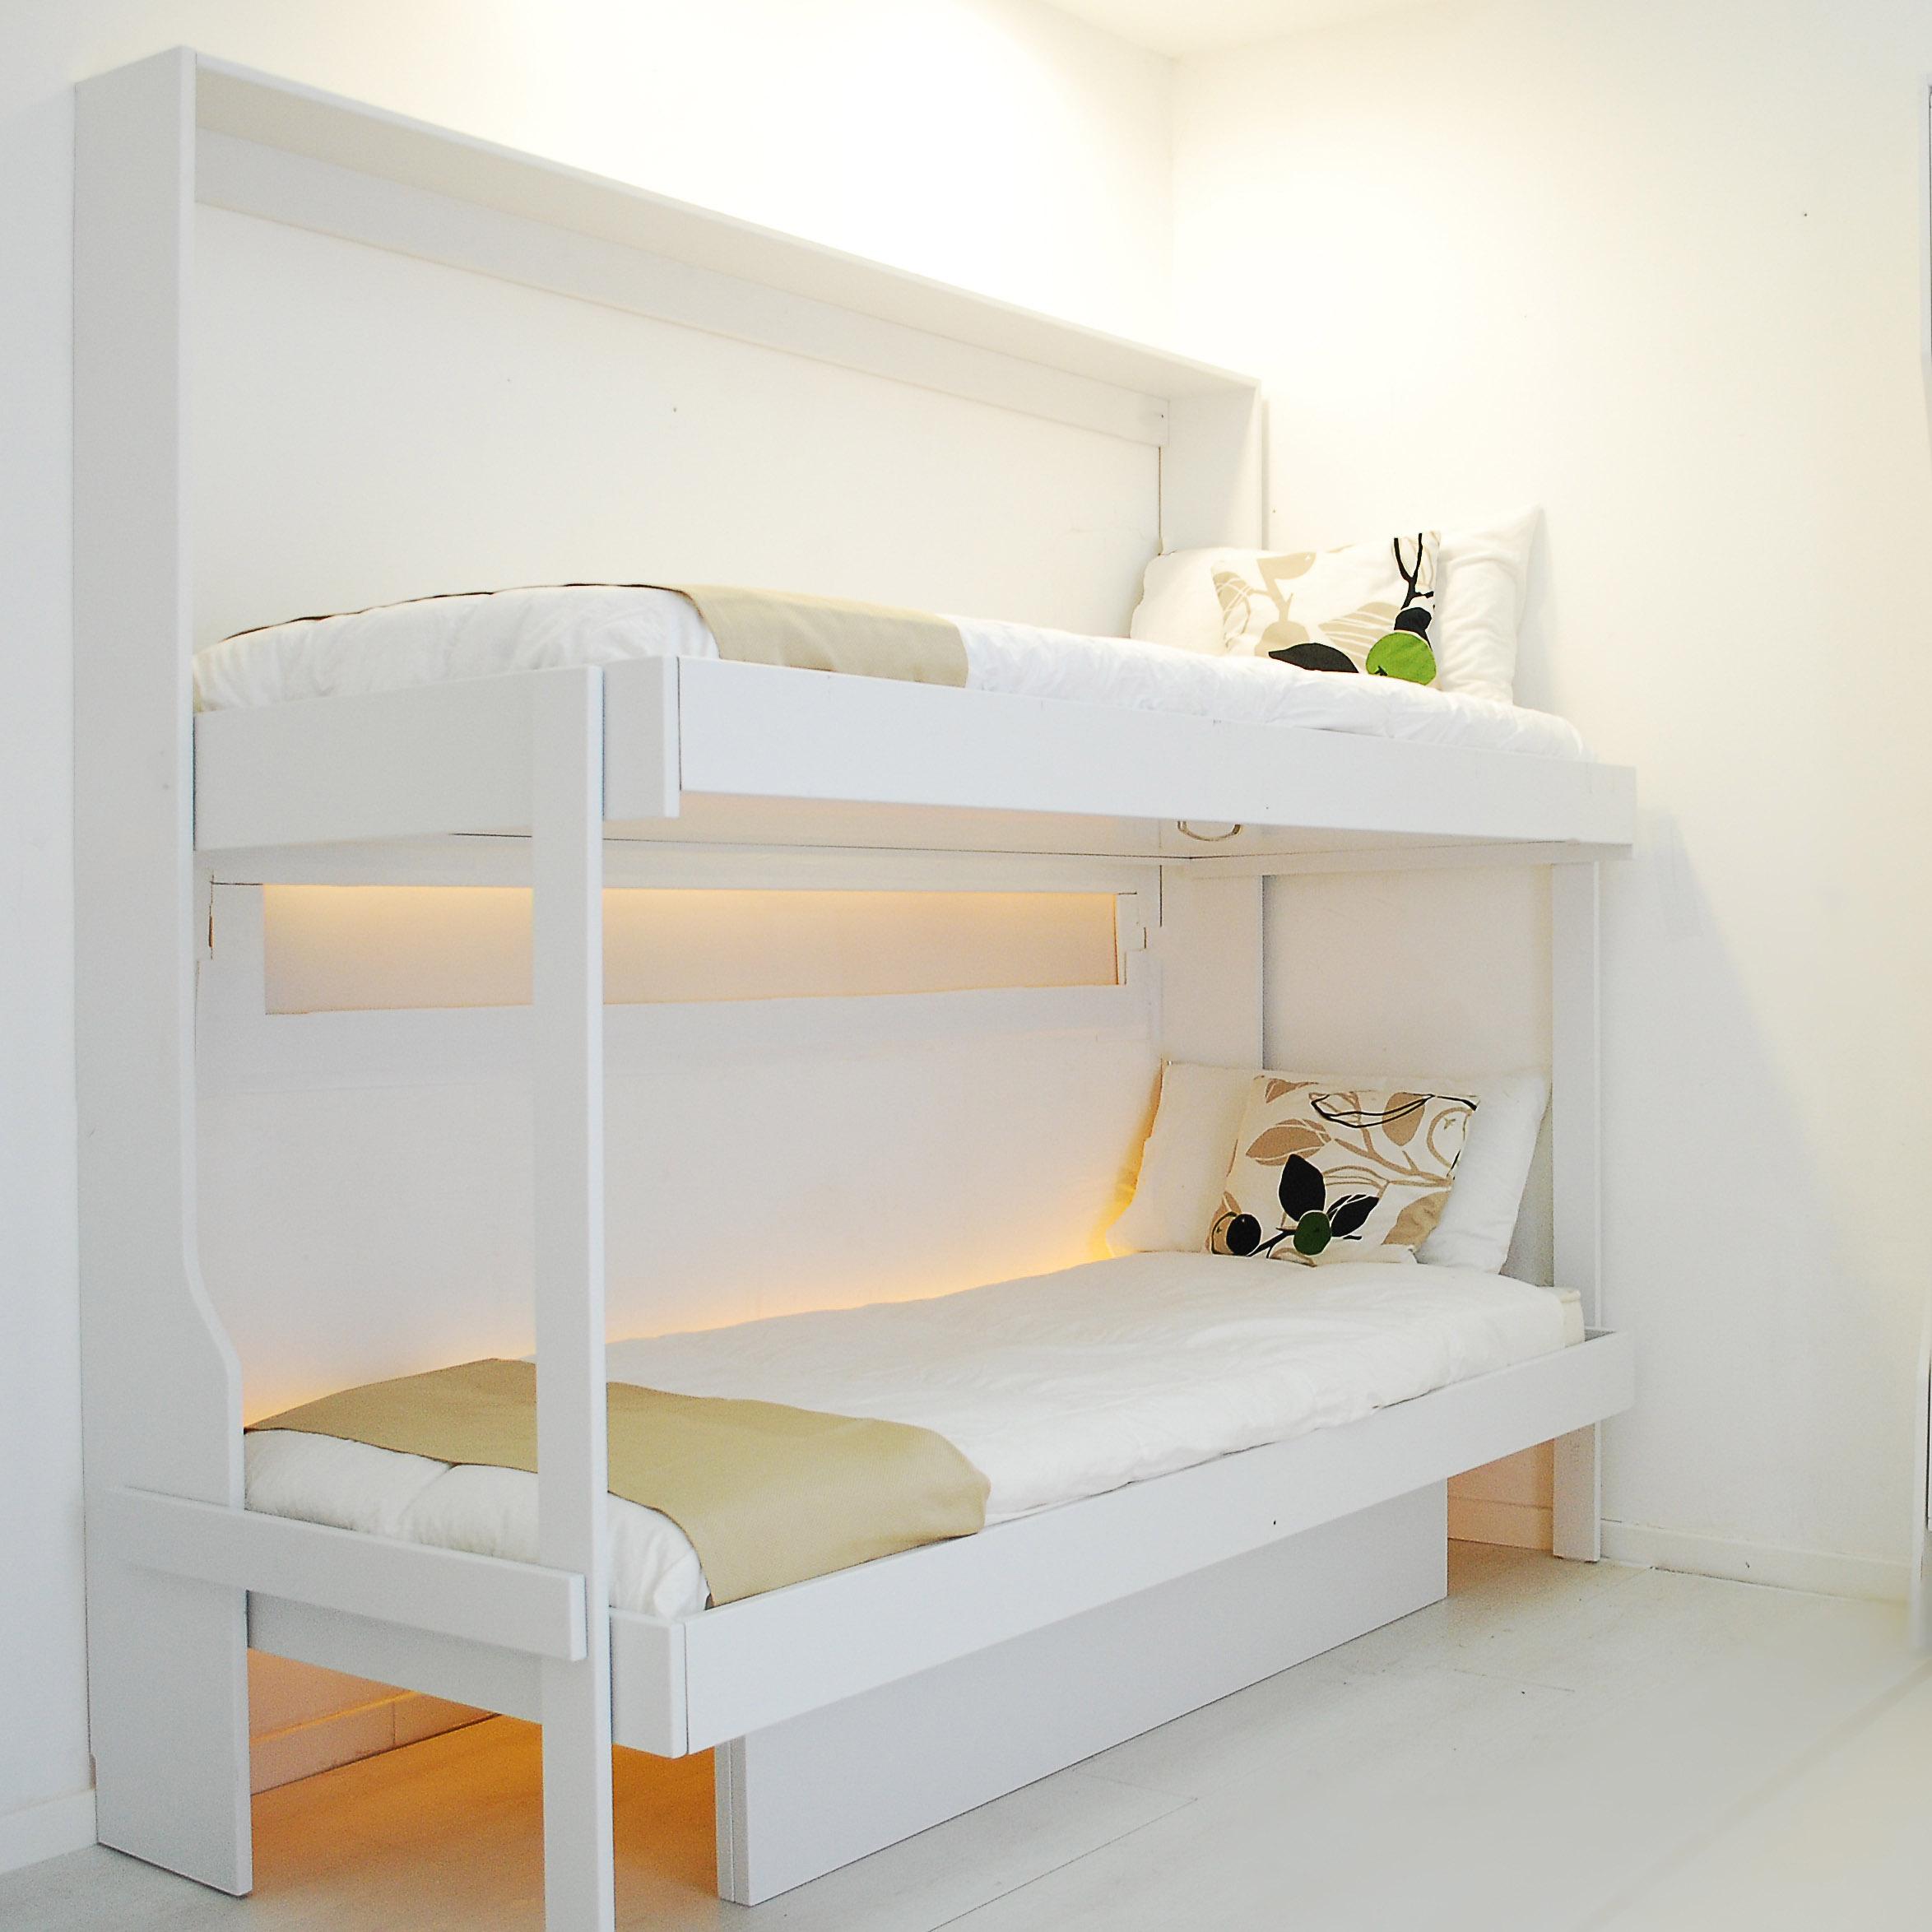 Letto a scomparsa a castello consolle doppia bed for Ikea letto ribaltabile